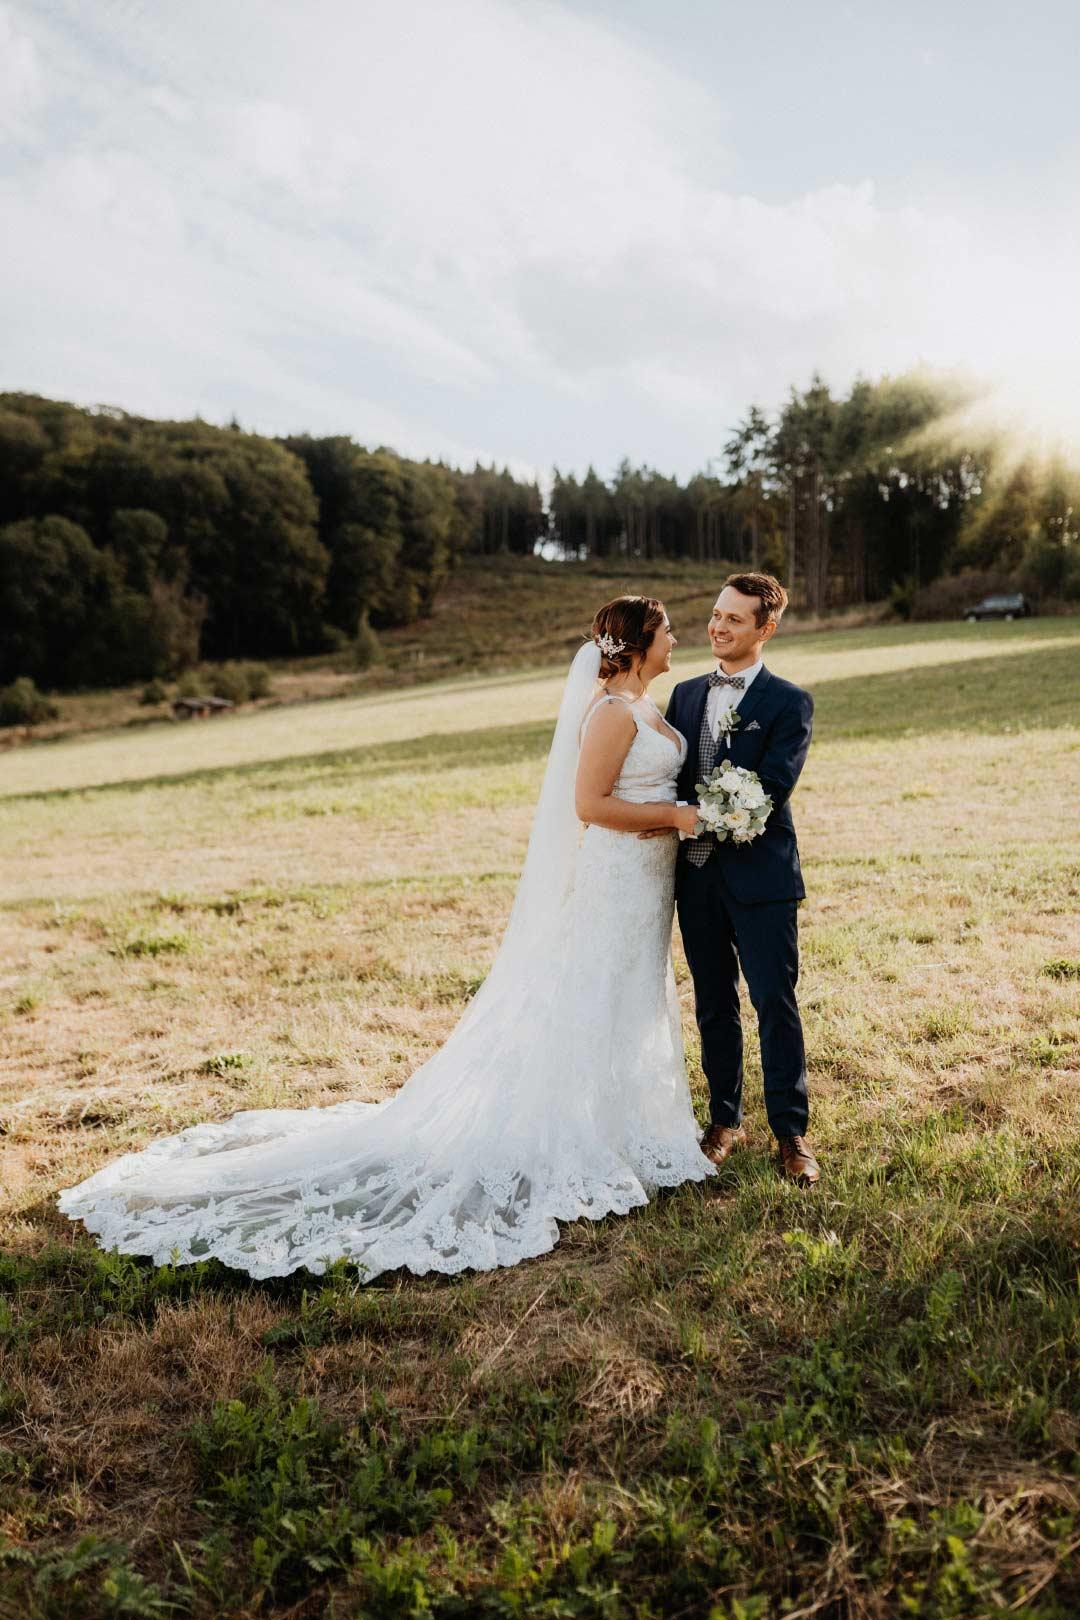 Paar-Fotoshooting bei der Hochzeit in Roségold, weiß und viel Greenery